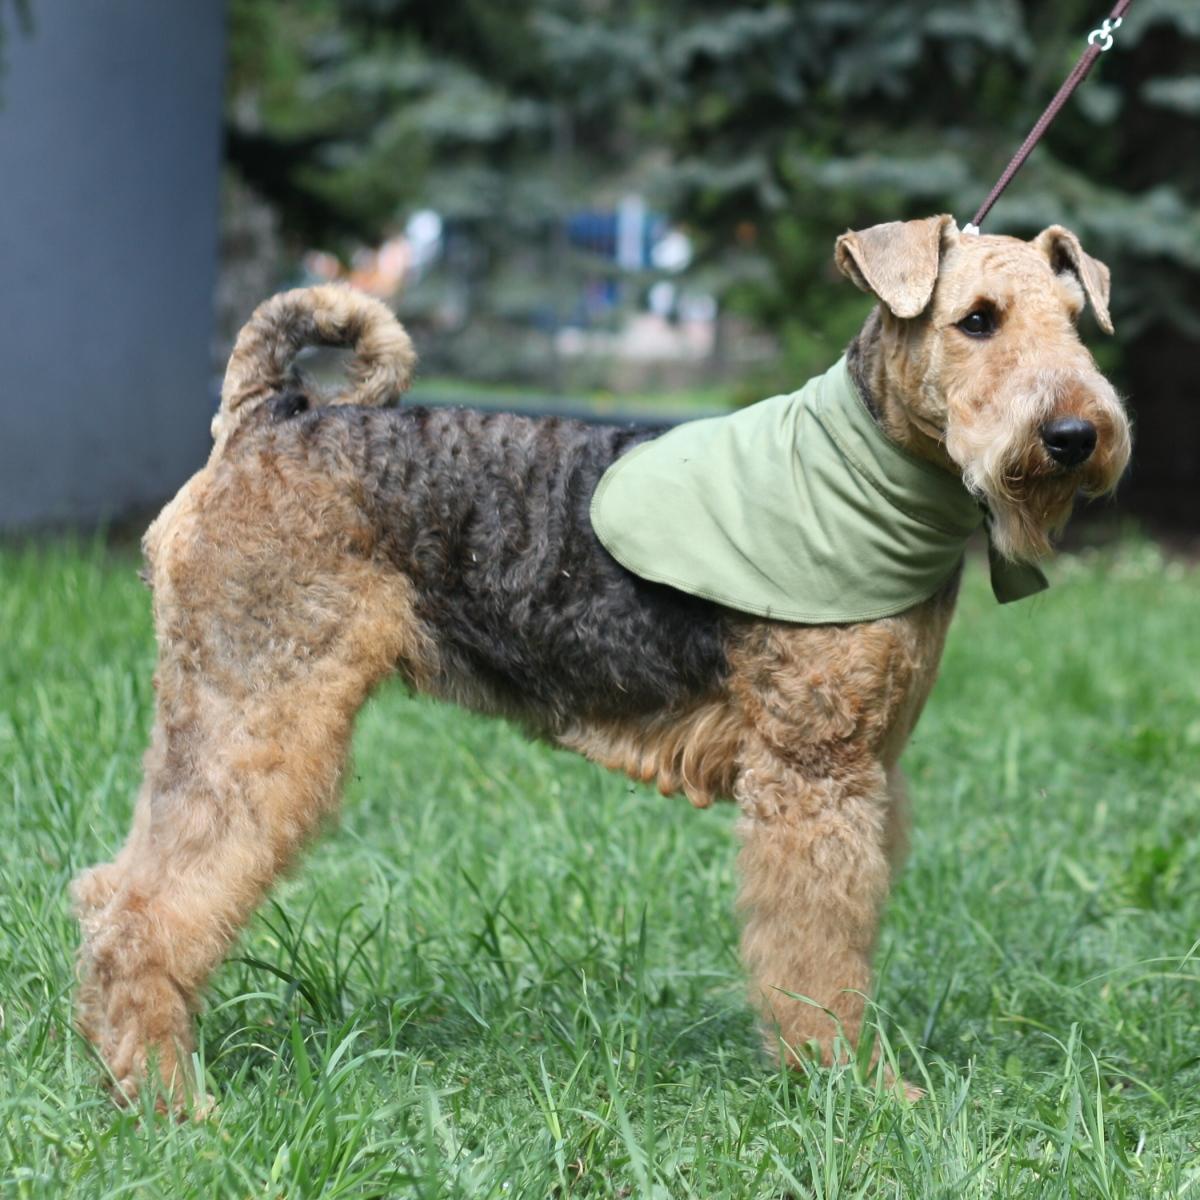 Косынка для собак Osso Fashion, охлаждающая, унисекс, цвет: оливковый. Размер XLО-1008Охлаждающая косынка Osso Fashion из ткани ССТ (COOL COMFORT TECHNOLOGY) помогает собакам легче переносить жару, делает более комфортным их пребывание на солнце во время прогулки, в транспорте, на выставках, проходящих на открытом воздухе или в душном помещенииКосынка завязывается на шее животного, завязки помогают регулировать размер. Изделие охлаждает шею собаки, к тому же это красивый аксессуар.Охлаждающее изделие Osso Fashion сшито из инновационной ткани ССТ (COOL COMFORT TECHNOLOGY), которая создает персональную зону охлаждения и обеспечивает комфортную терморегуляцию на длительное время. Охлаждение ткани обеспечивается за счет уникальной структуры переплетения волокон, создающих капиллярные сети повышенной плотности. Серебросодержащее волокно X-Static, входящее в состав ткани, придает ей антистатические и антимикробные свойства. Длительное использование и многократные стирки не влияют на охлаждающие свойства ткани. В отличие от охлаждающих тканей предыдущего поколения, эта ткань не имеет химической пропитки и не содержит охлаждающих гелей.При активации изделия (встряхивании) происходит максимальное охлаждение за счет испарения воды. Однако – из-за уникальной комбинации волокон и их взаимодействия между собой – испарение и потеря влаги происходит медленно, поскольку одновременно идет мощное впитывание паров и водоотведение.Чтобы активировать охлаждающее действие изделия его нужно намочить, отжать и встряхнуть. Подходит вода из любого источника: из-под крана, дождевая, речная, морская, влага от потоотделения - они реактивируют охлаждающую функцию снова и снова.Длина: 74 см.Ширина: 34 см.Одежда для собак: нужна ли она и как её выбрать. Статья OZON Гид